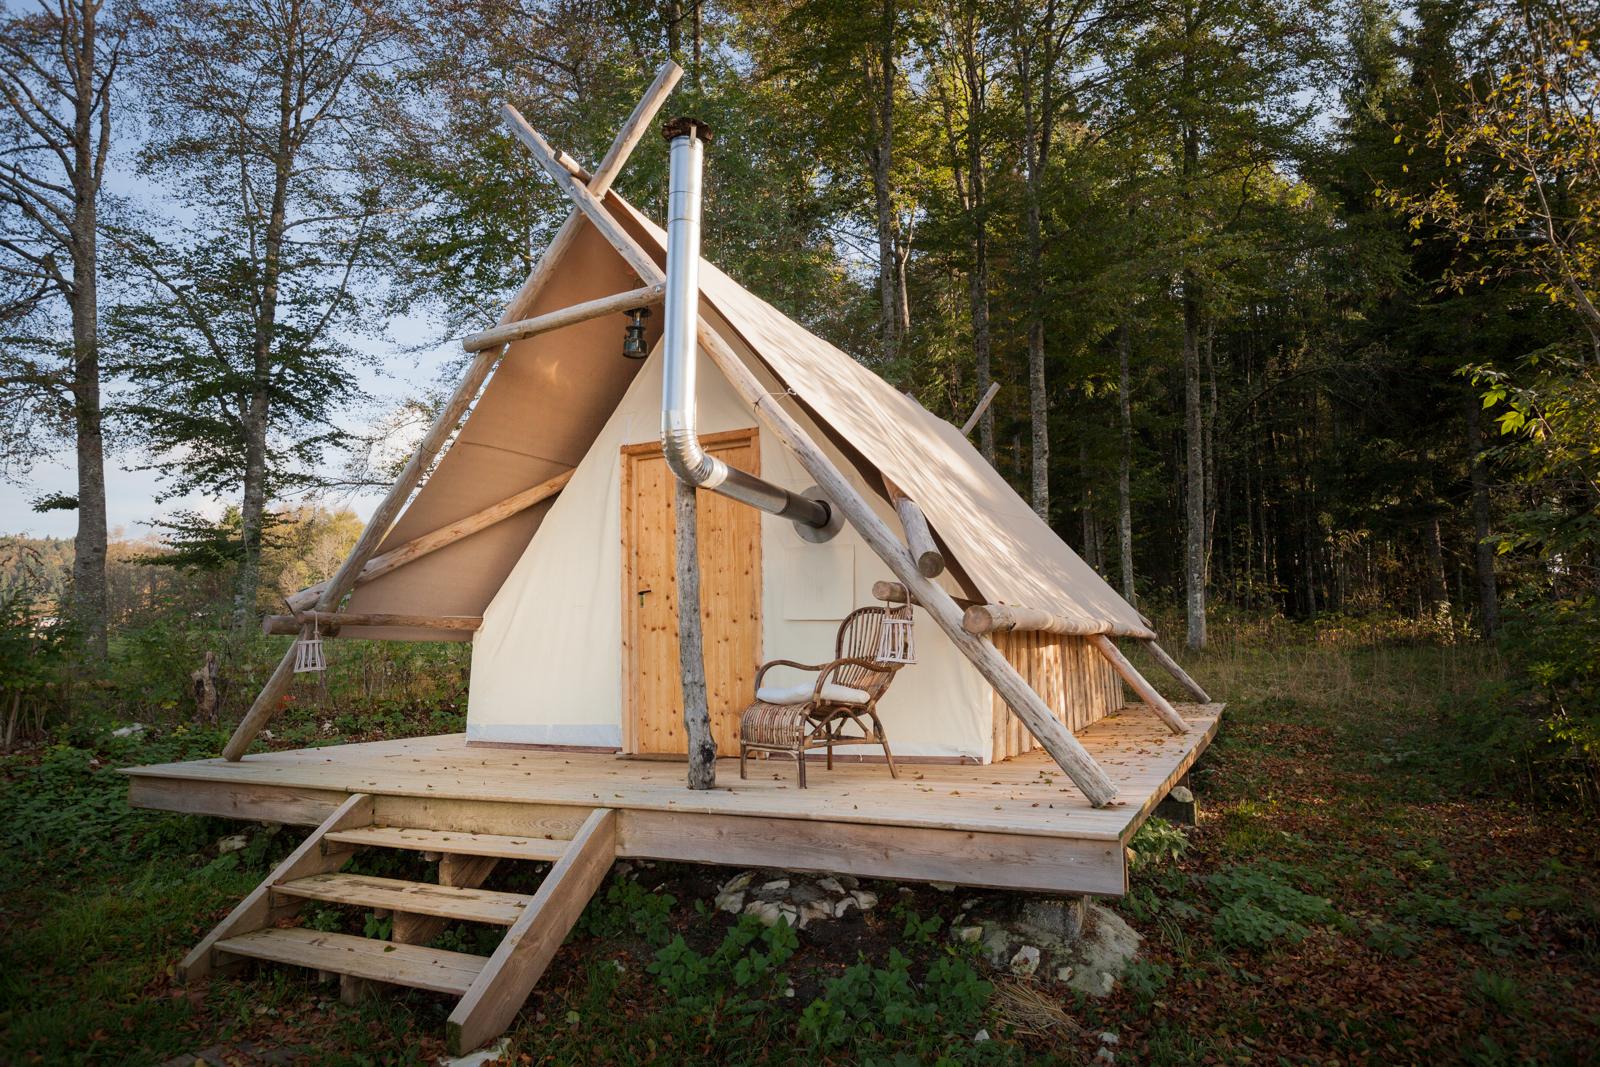 les-loges-du-coinchet-la-tente-prospecteur-2116992